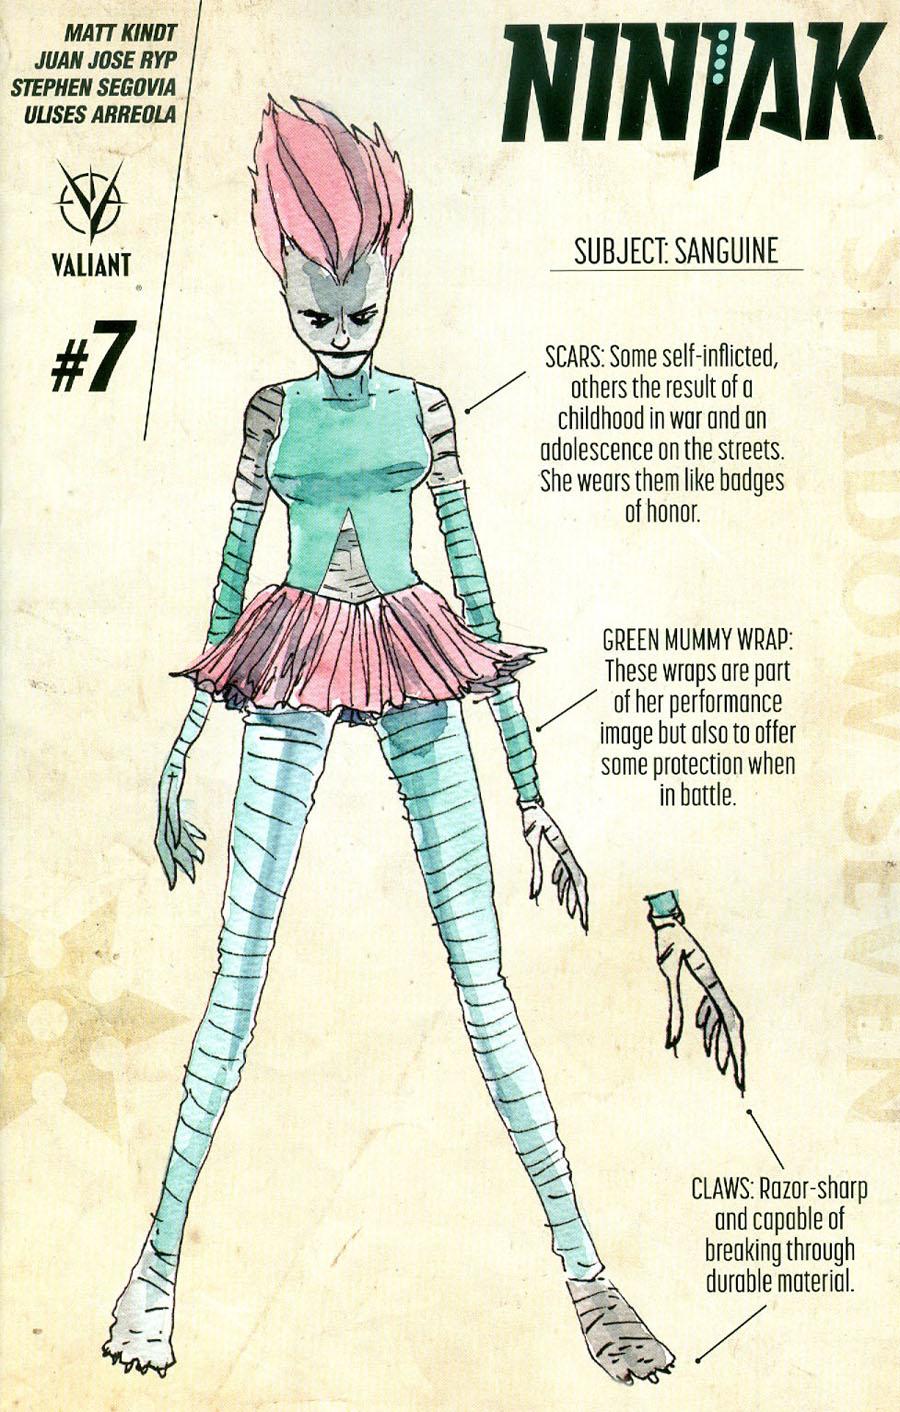 Ninjak Vol 3 #7 Cover D Incentive Matt Kindt Character Design Variant Cover